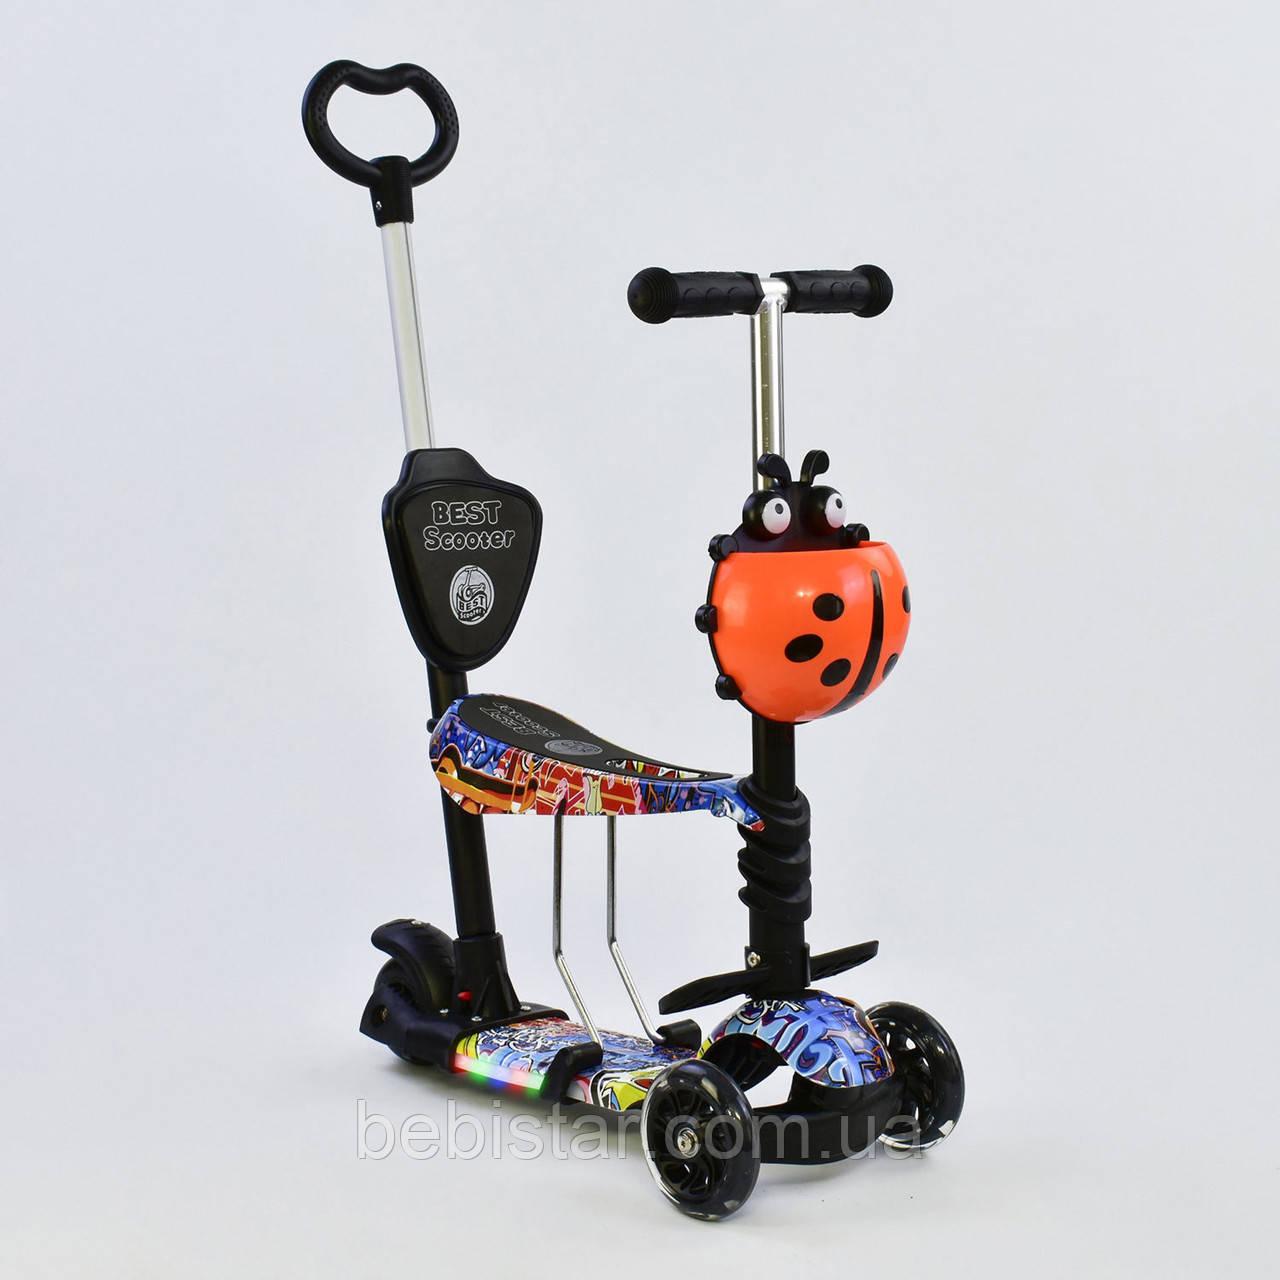 Самокат беговел коляска черно-оранжевый с ручкой подсветкой платформы и светящимися колесами малышам от 1года